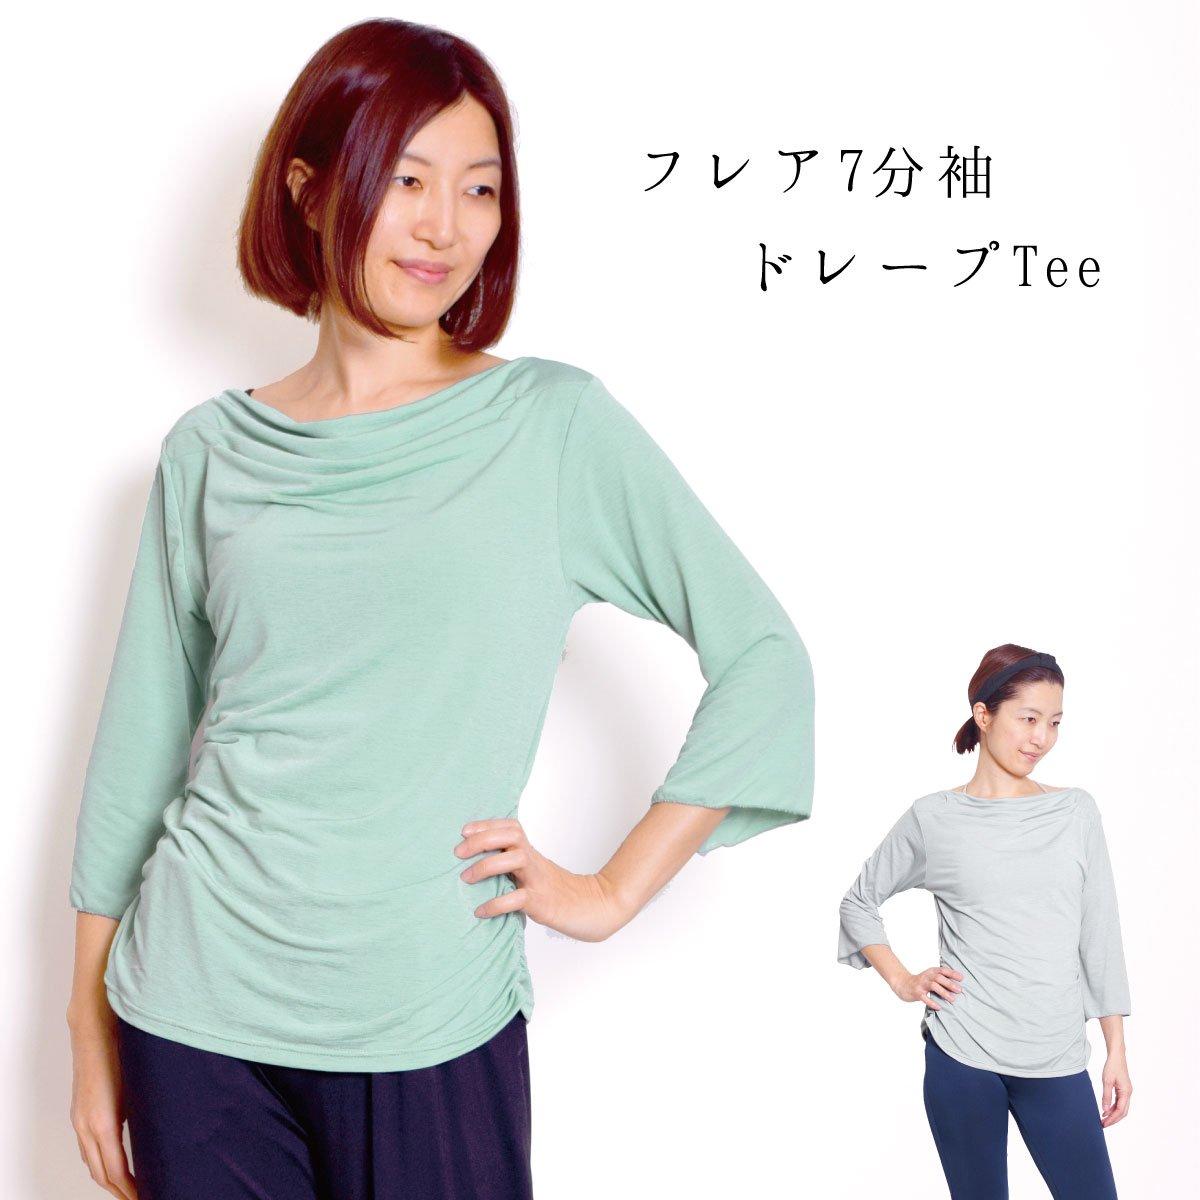 ヨガウェア フレア7分袖ドレープTee Tシャツ